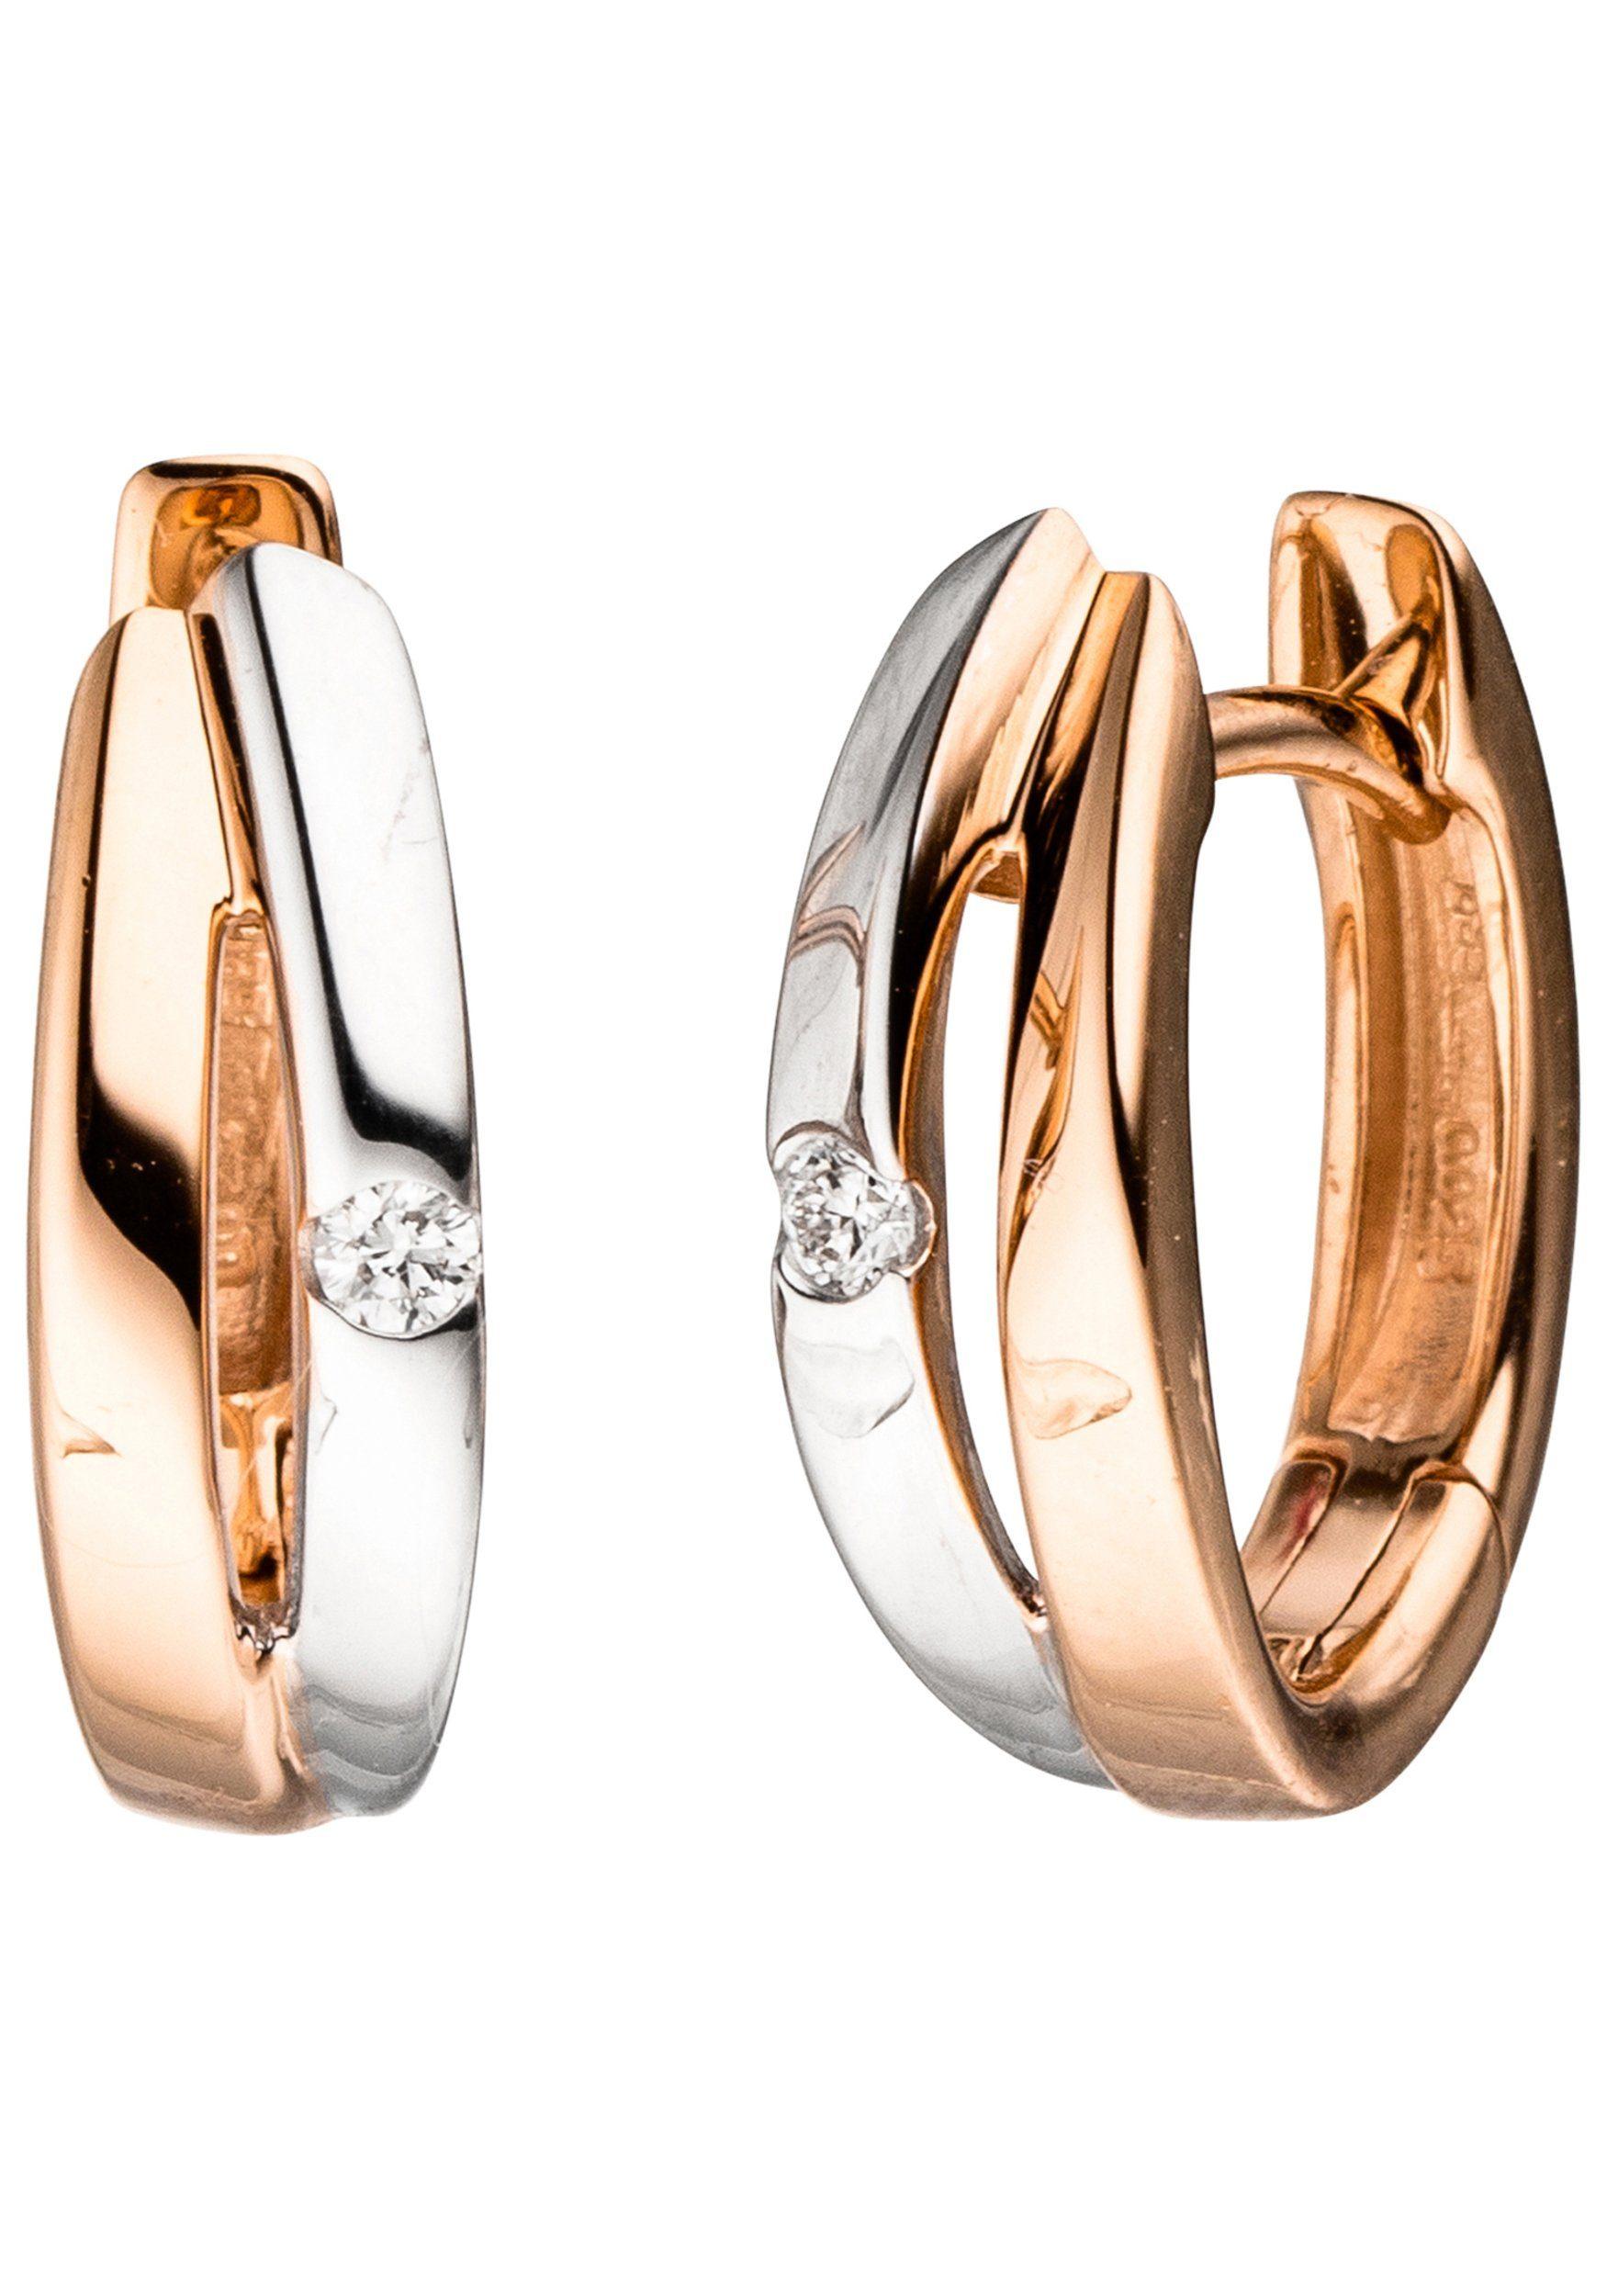 JOBO Paar Creolen 585 Roségold bicolor mit 2 Diamanten